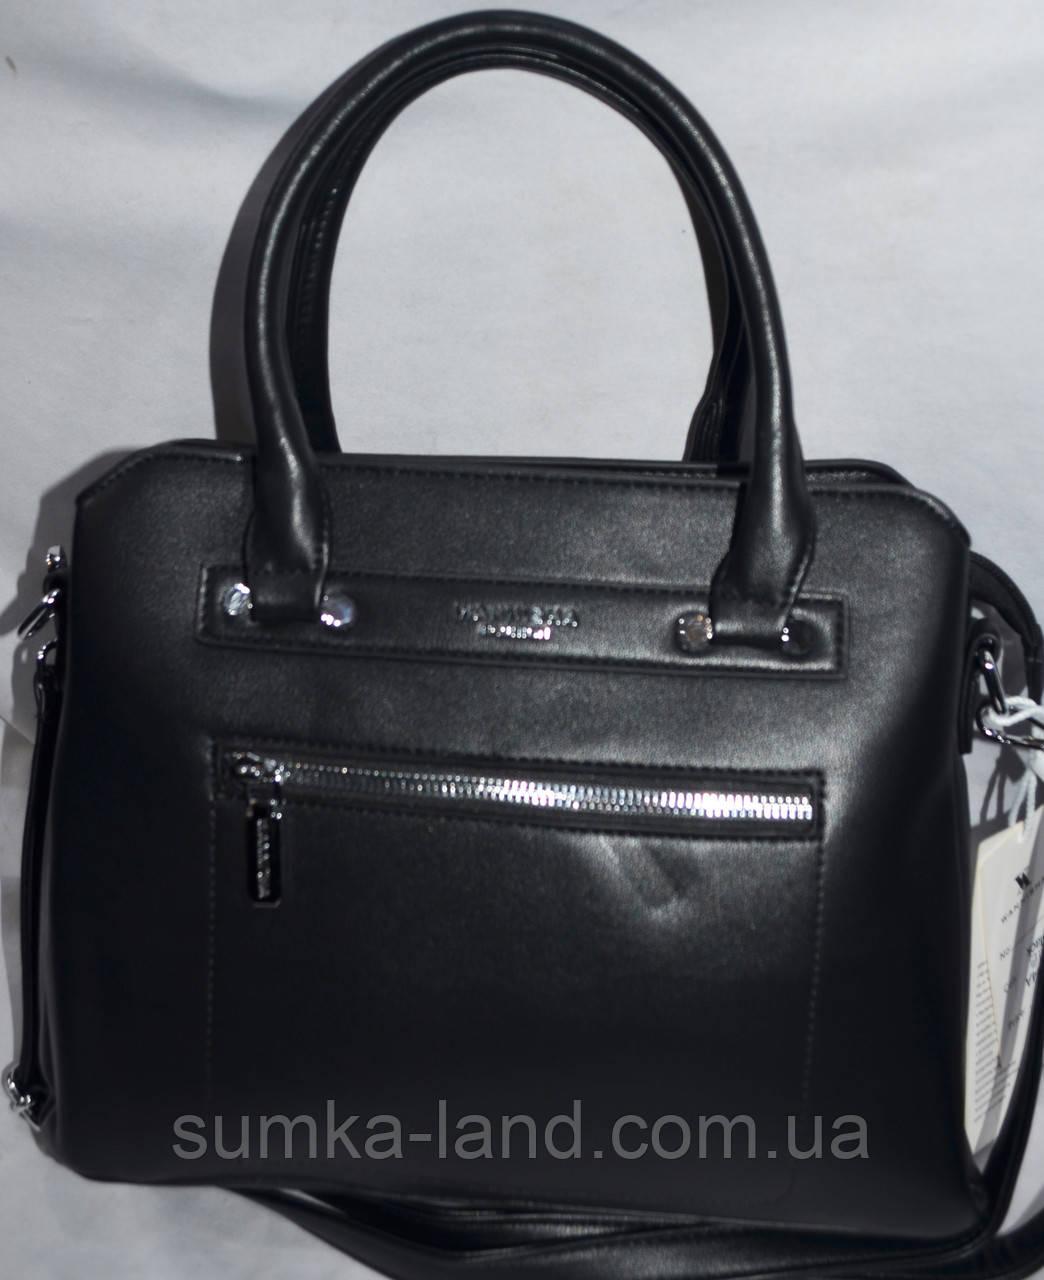 Женские сумочки внутри на 3 отдела и с ремешком 33*23 см (молочный и черный)